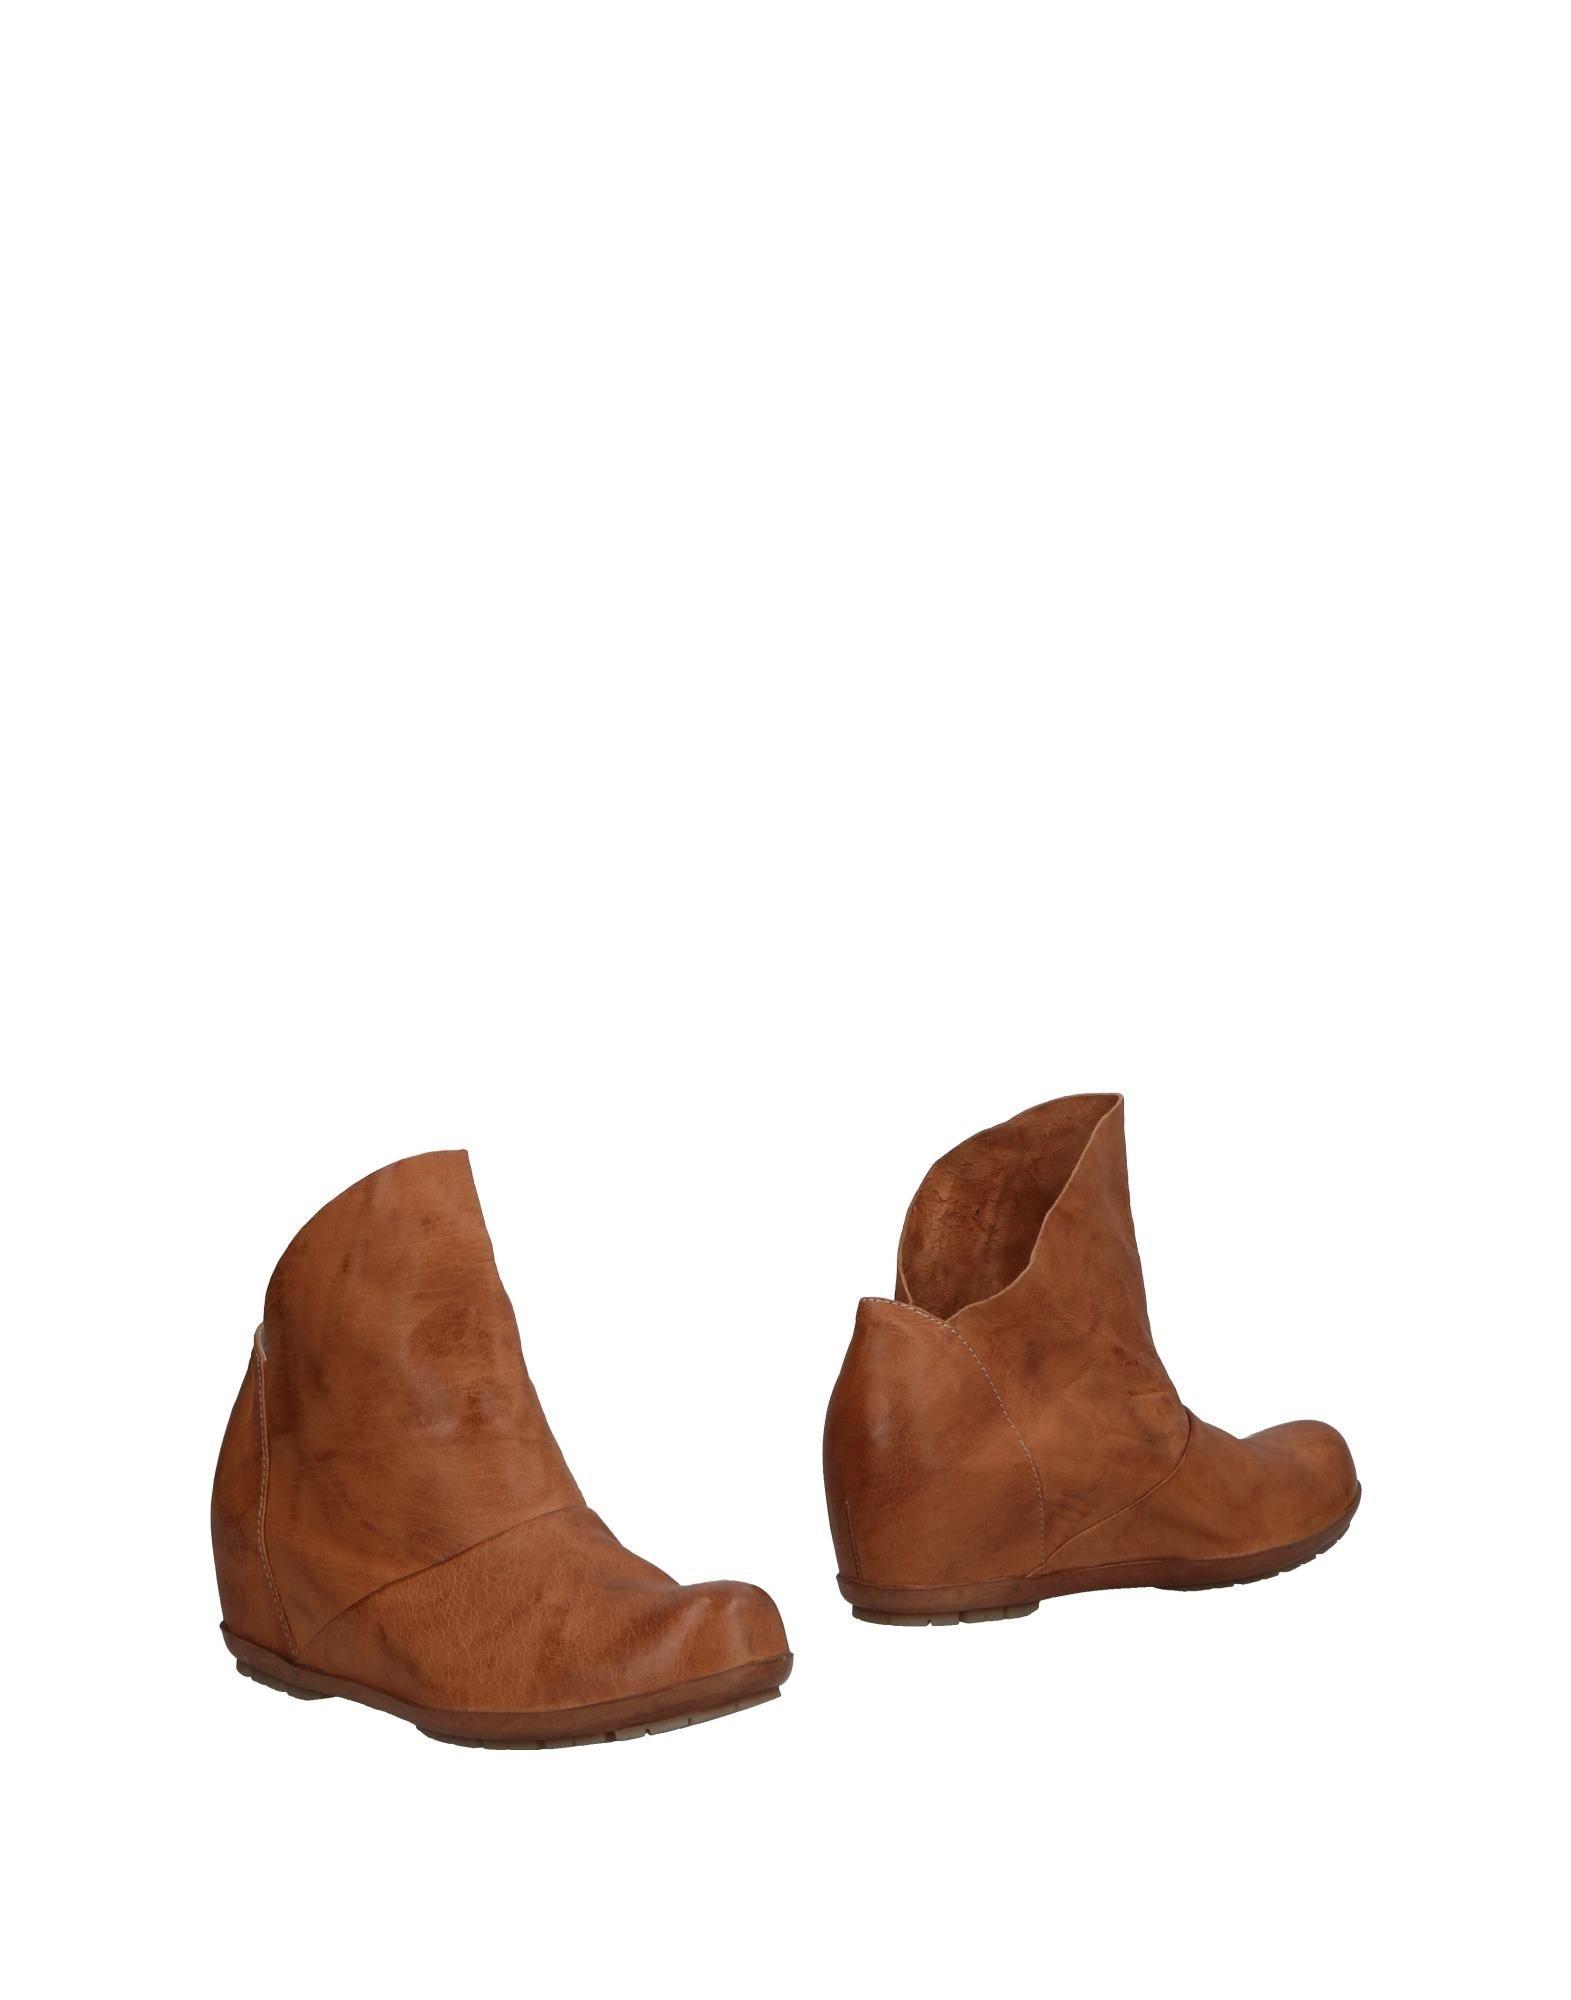 Stilvolle billige Schuhe Damen Andìa Fora Stiefelette Damen Schuhe  11498269PE 1a37a8